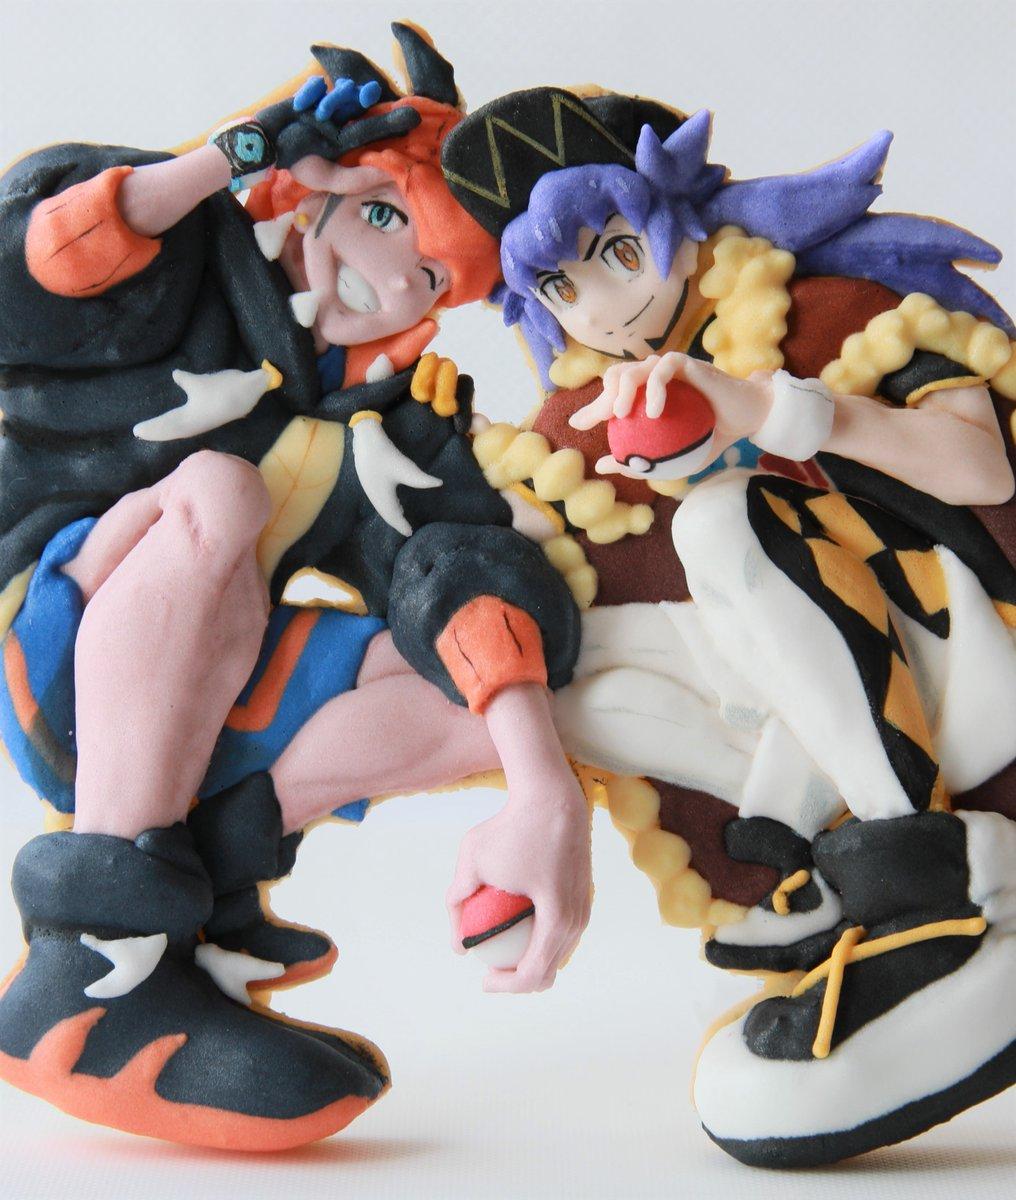 皆様…本日アニポケにダンデさん&キバナさん登場のため、妻がアイシングクッキーでフィギュアみたいな二人を作りました。クリックして見てください…キバナさんのすね、指先、骨や筋肉まで感じるクッキー。こんな立体的な二人を拝めるなんて…(´;ω;`)#アニポケ #anipoke #キバナ #ダンデ